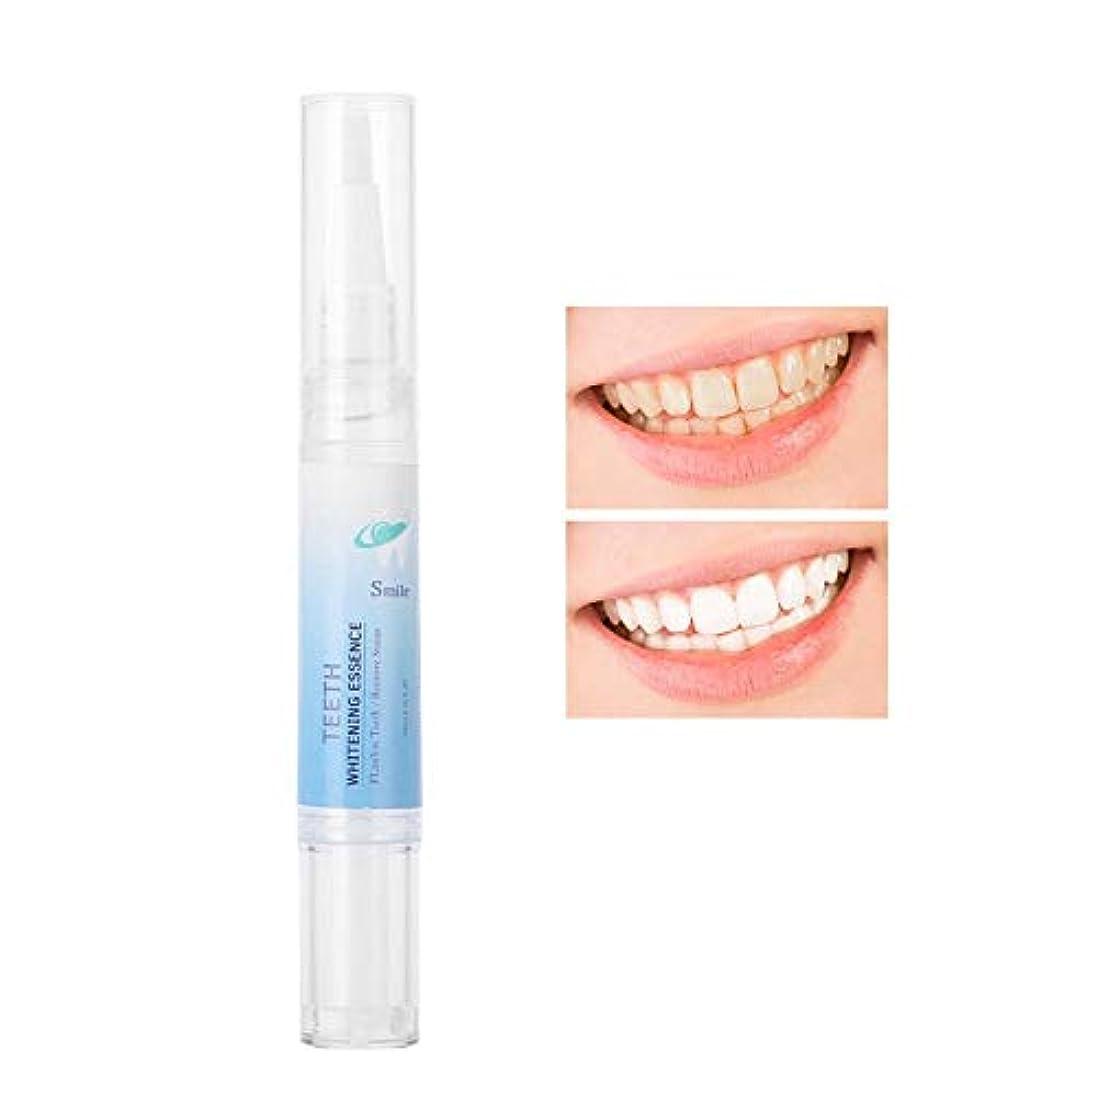 故国修士号舗装する歯ホワイトニングペン 歯汚れのリムーバー 歯を白くする美白歯磨き